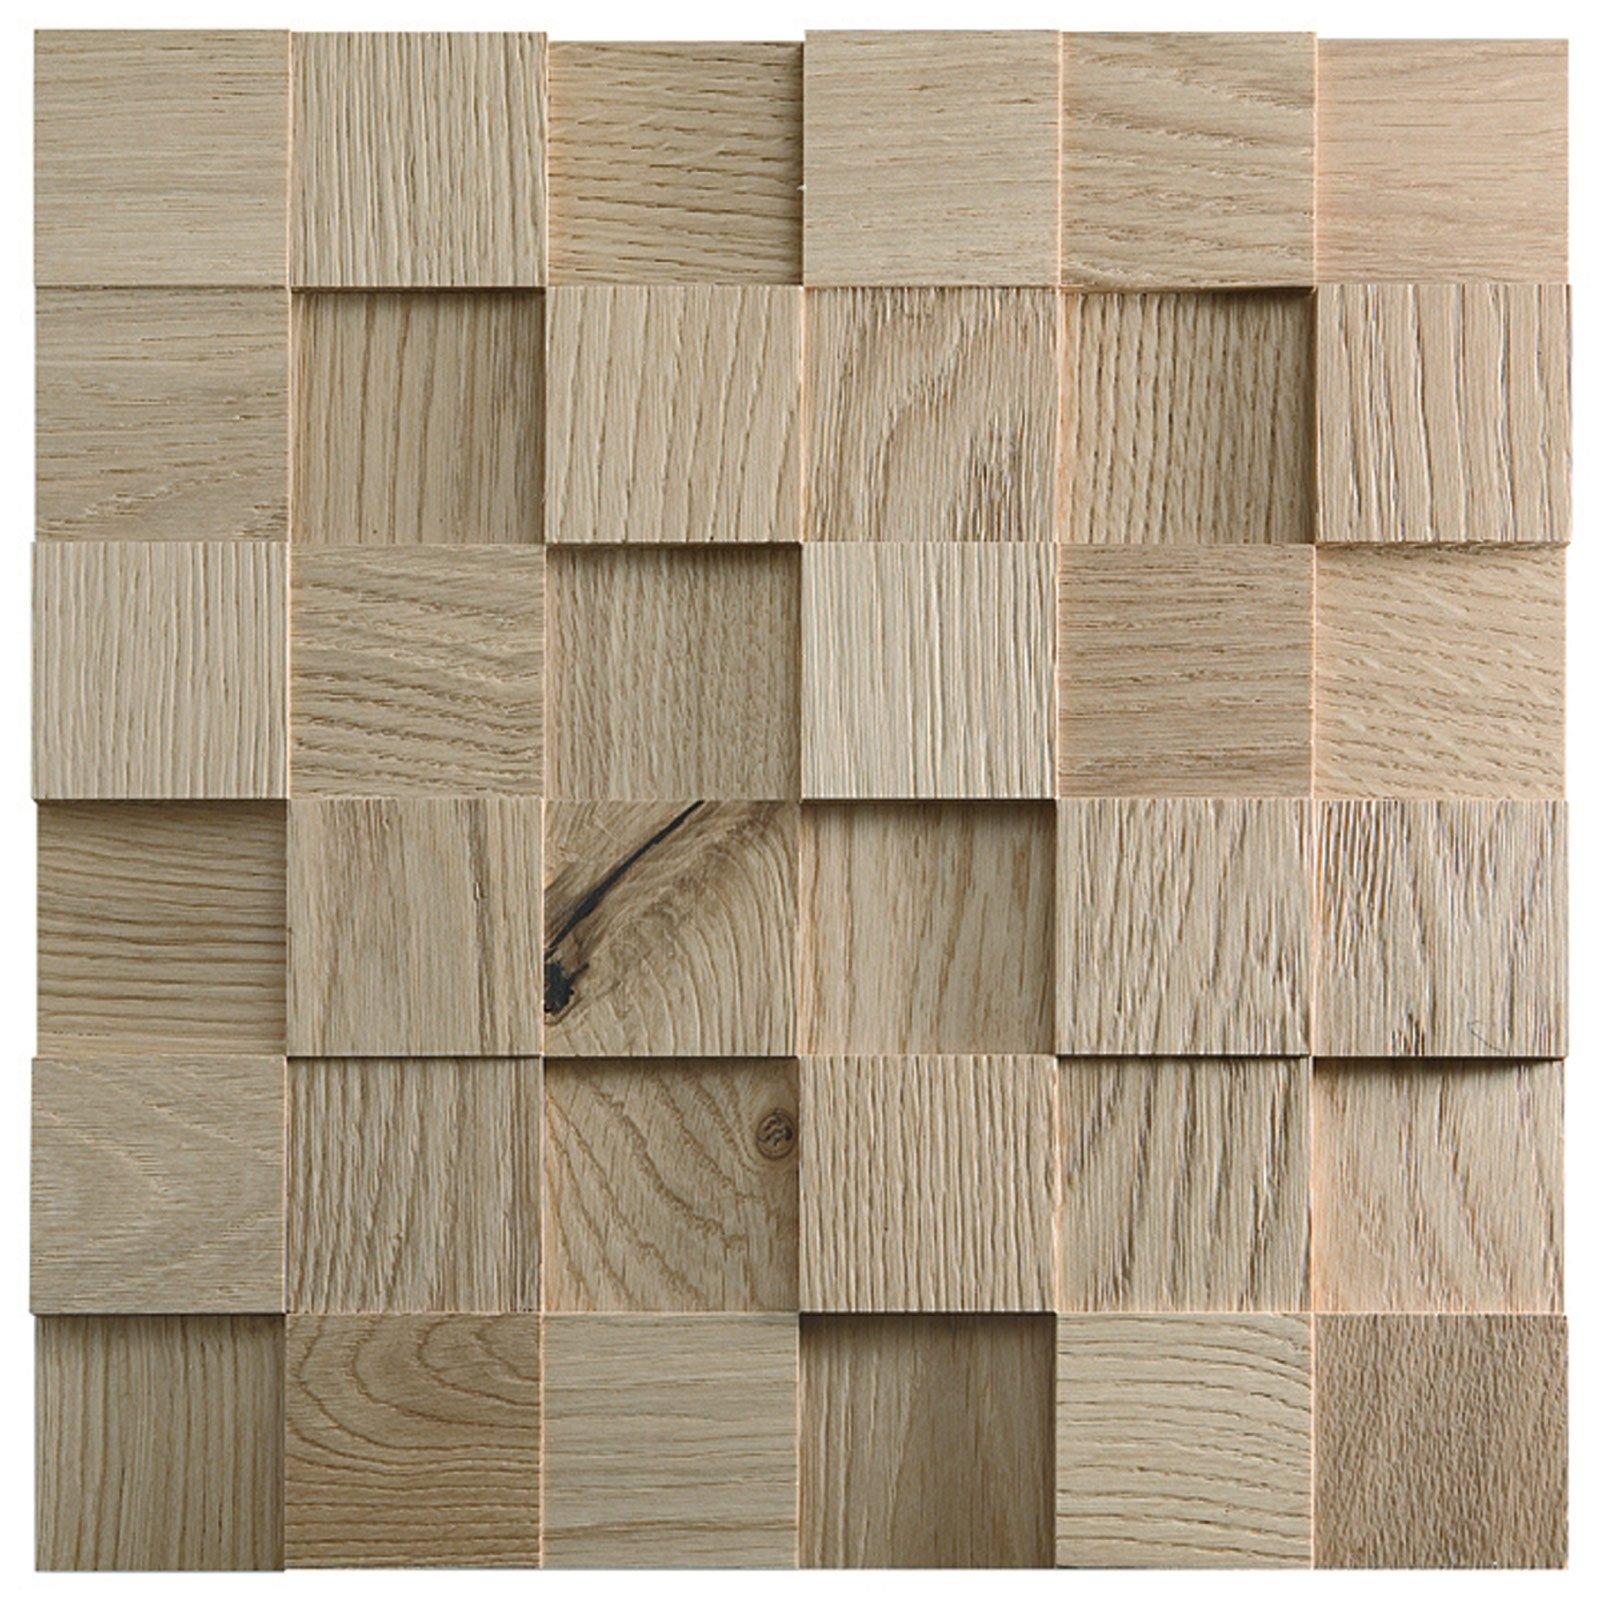 Parquet geometrie e tipi di posa cose di casa - Parquet su piastrelle ...